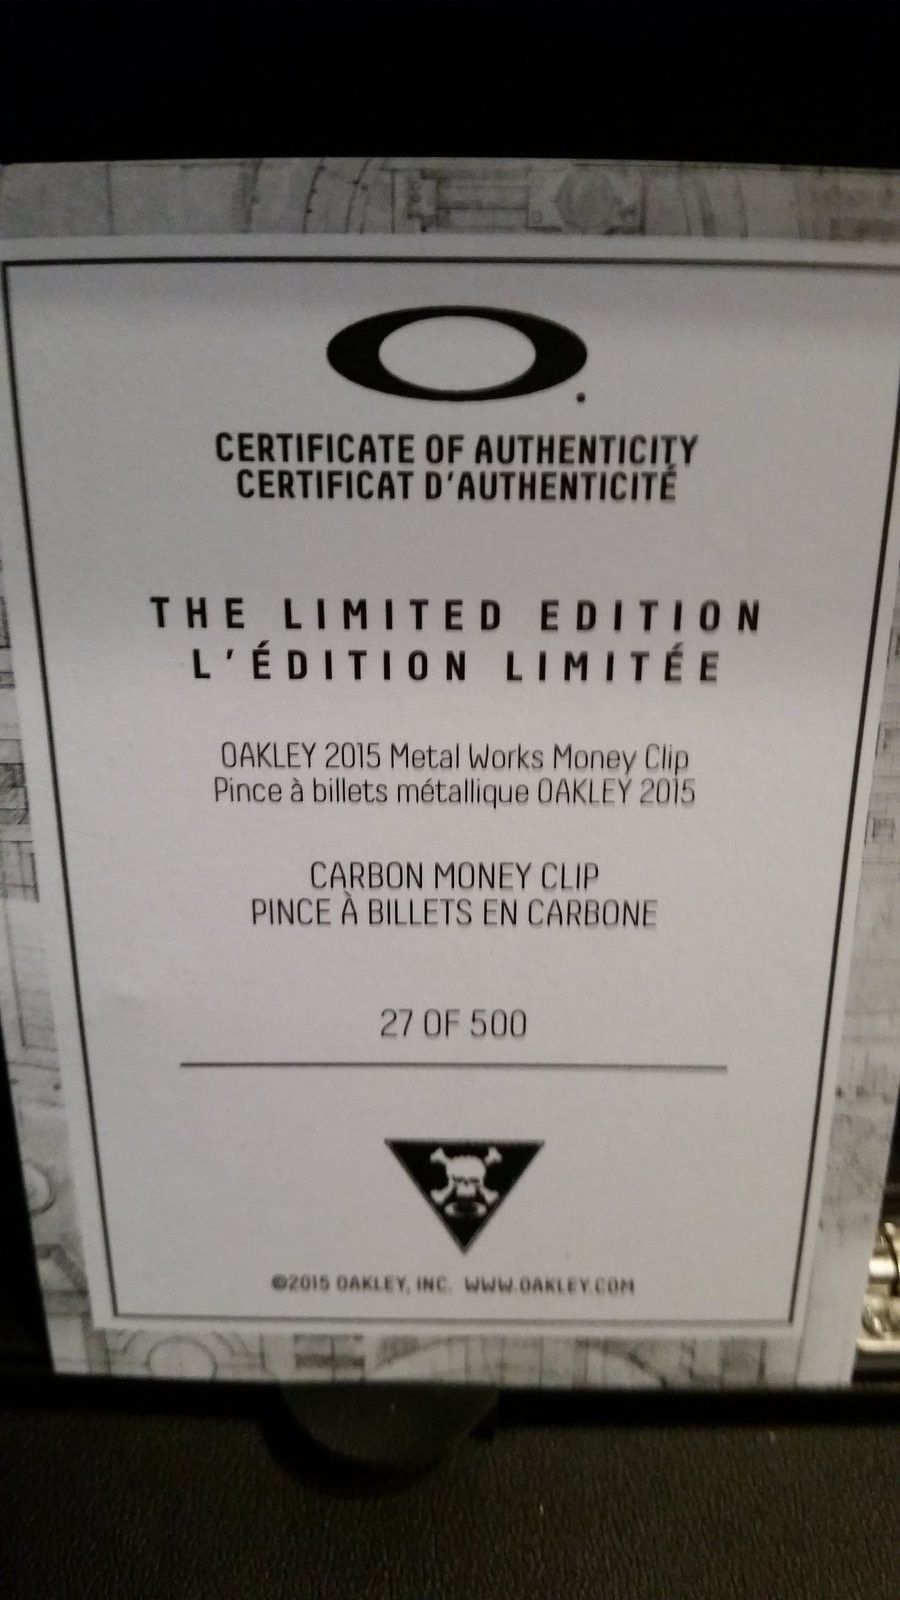 Oakley Carbon Money Clip #27 - uploadfromtaptalk1434398078198.jpg